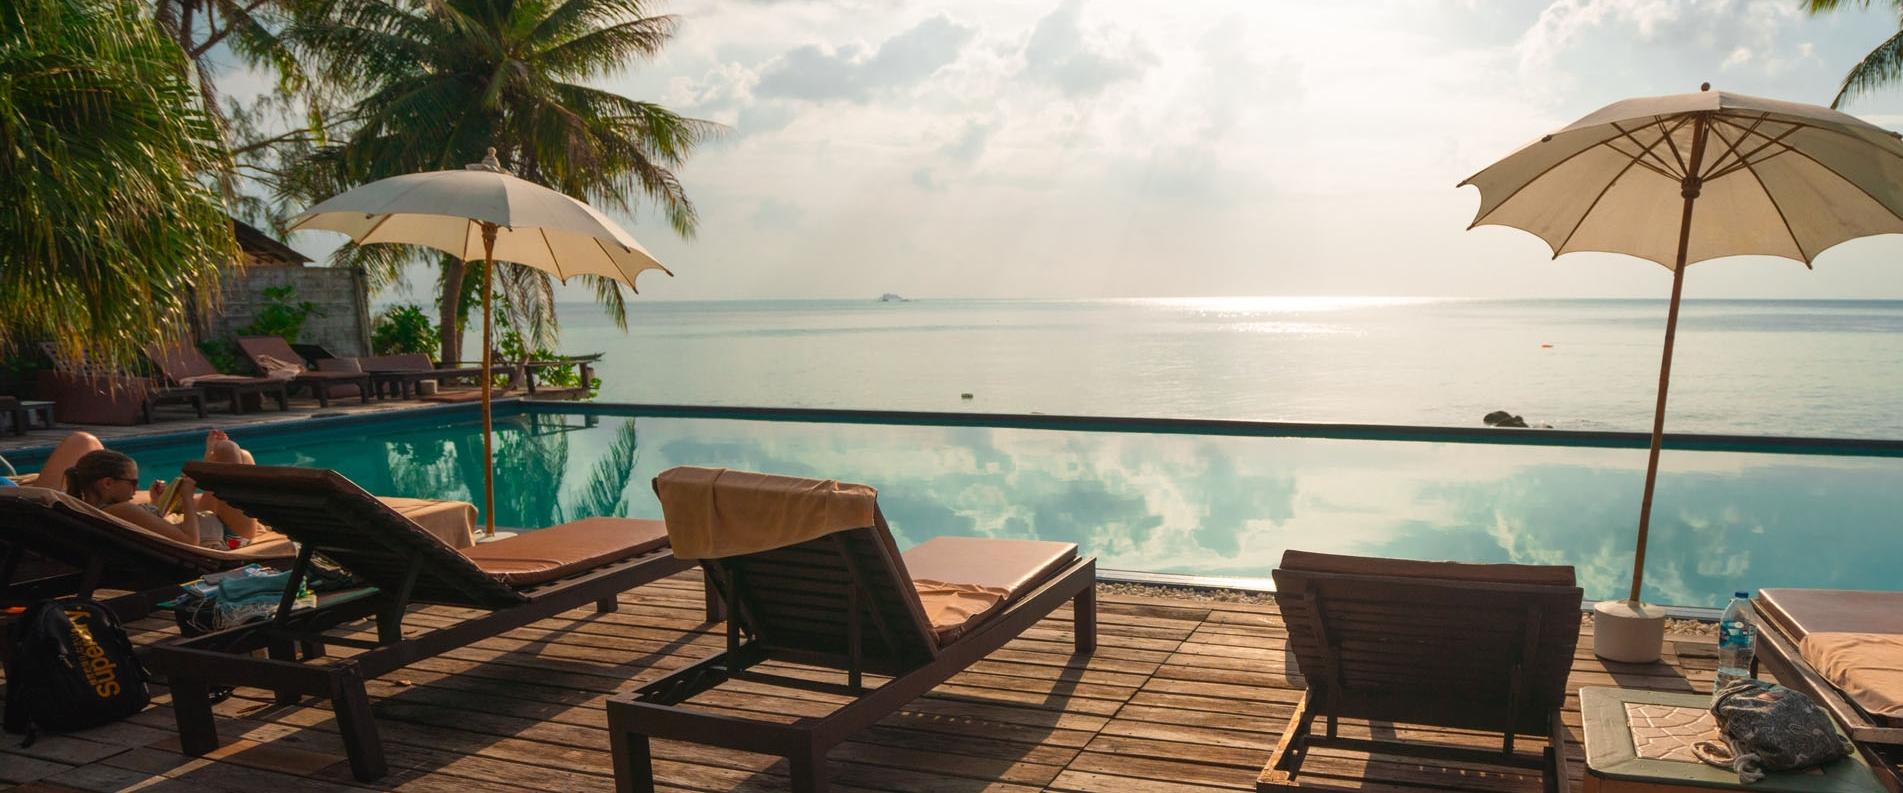 7 критериев для выбора идеального отеля на Кипре